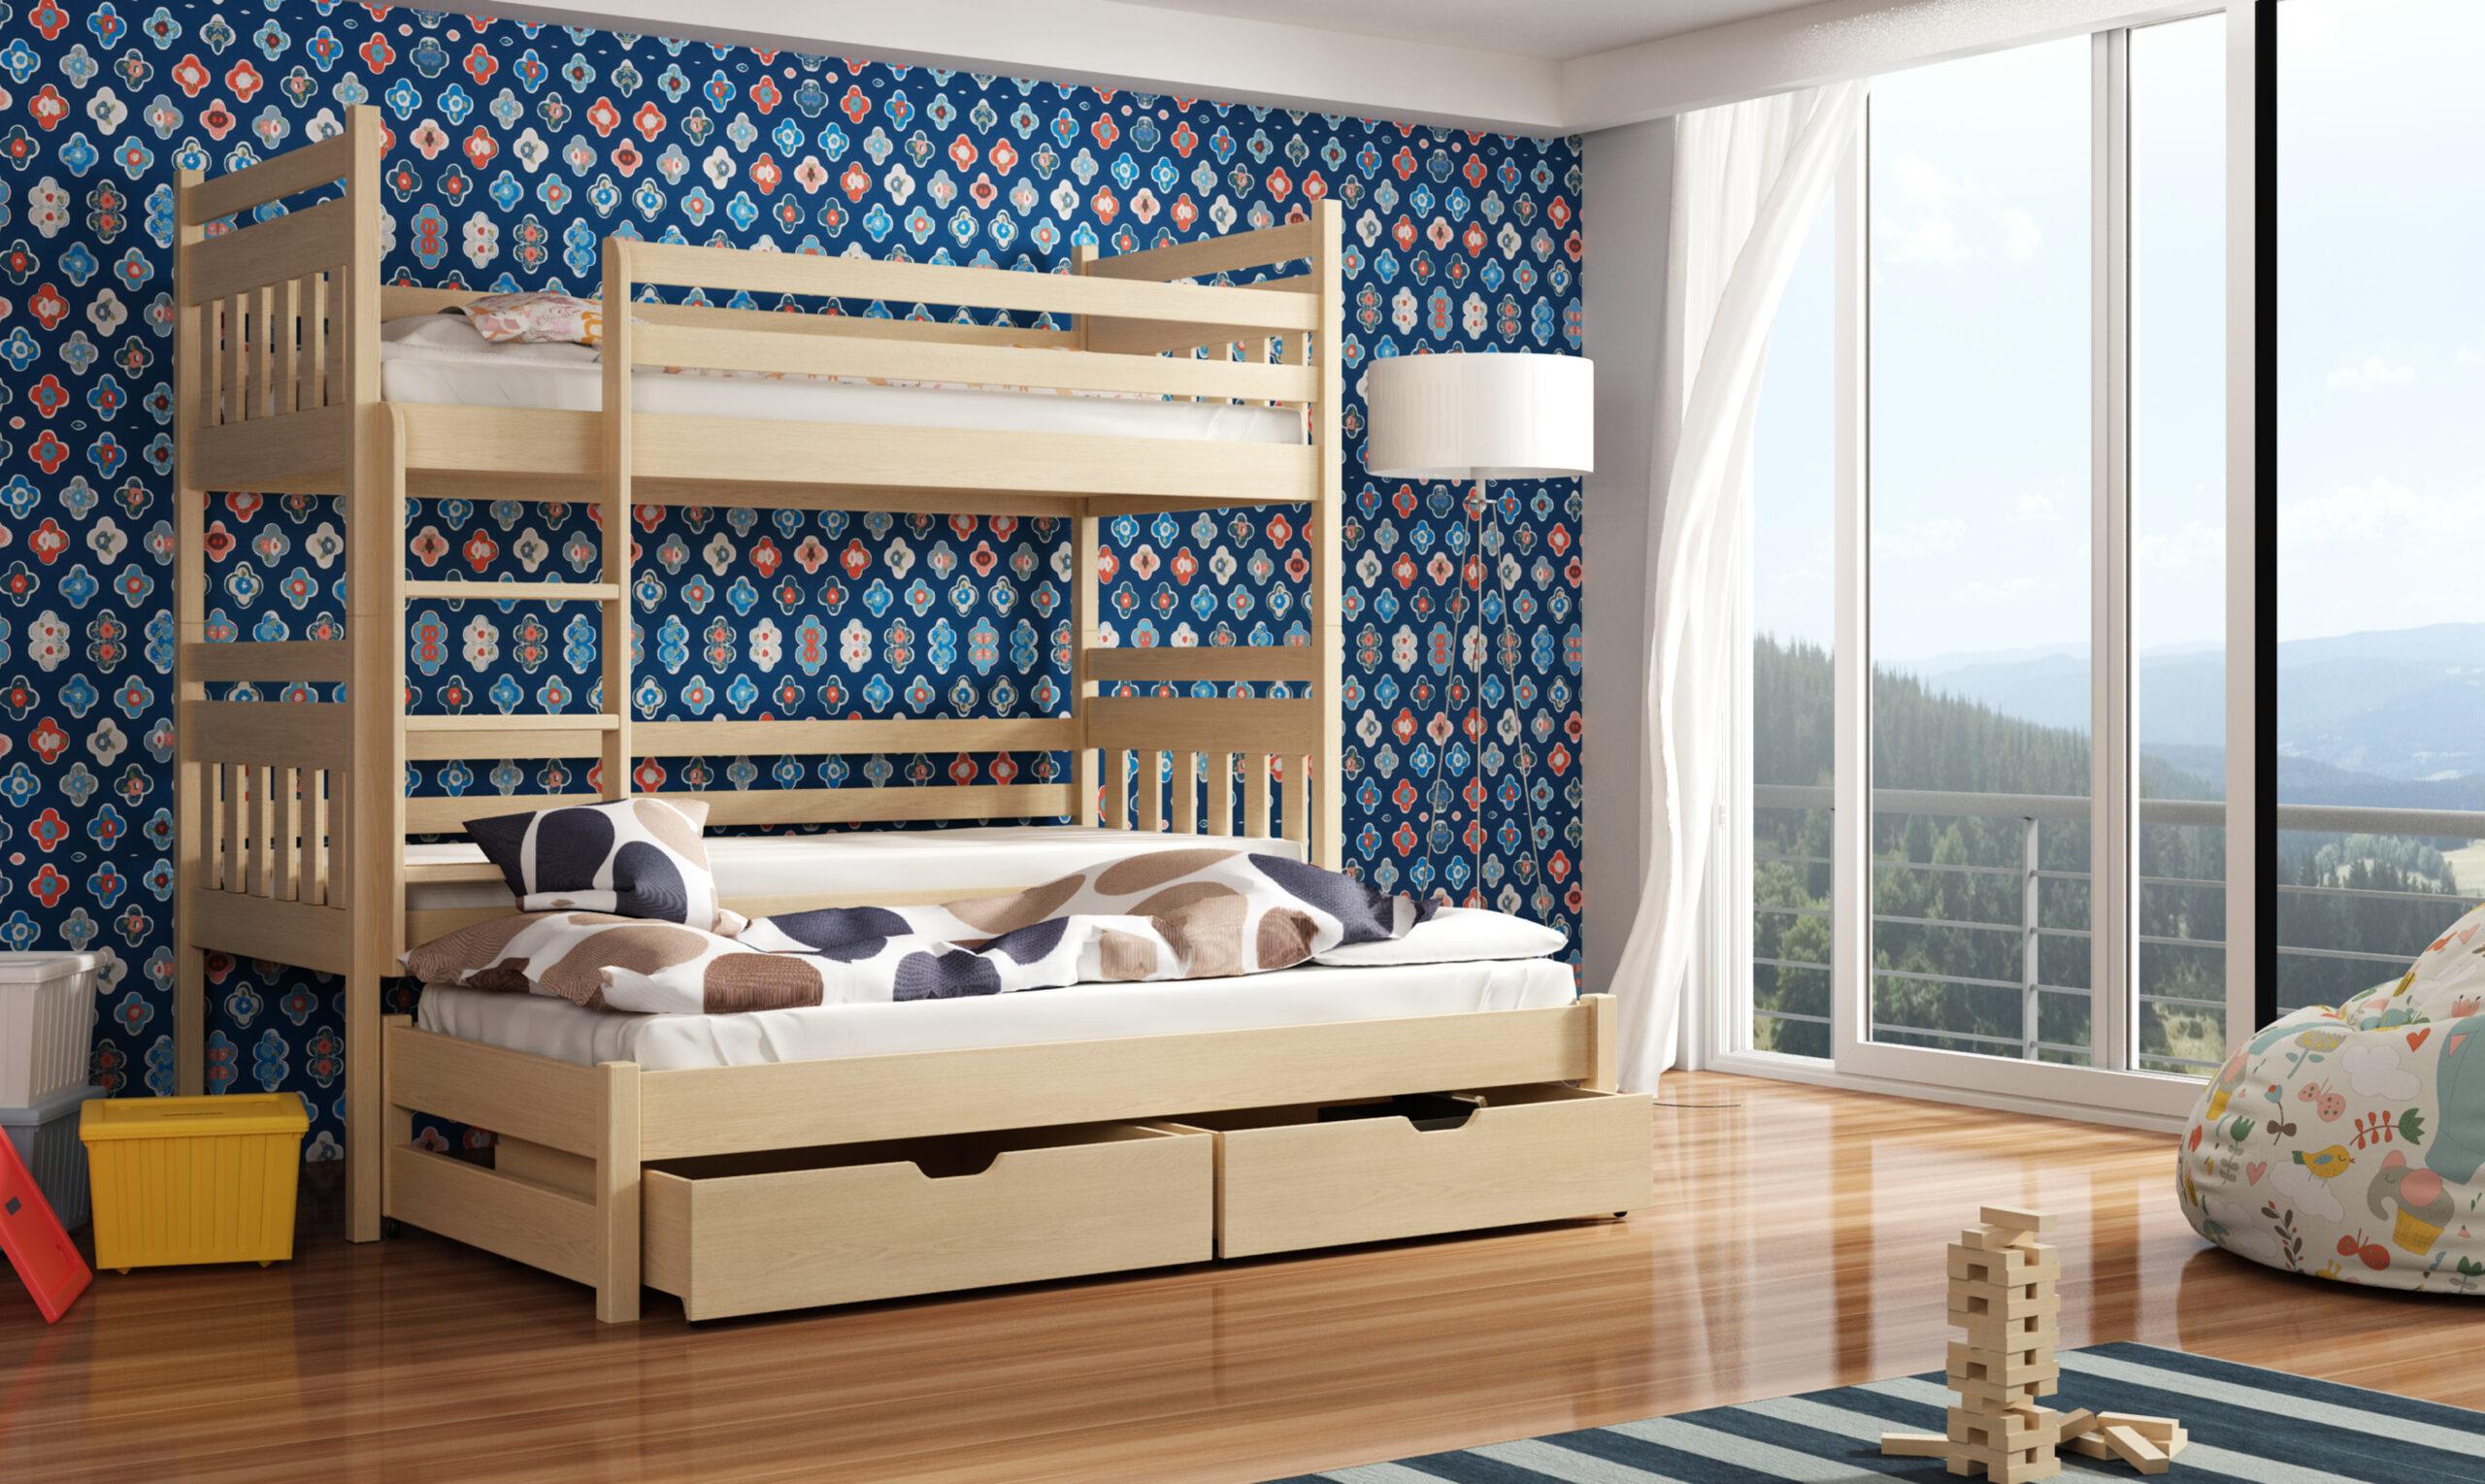 bunk beds London